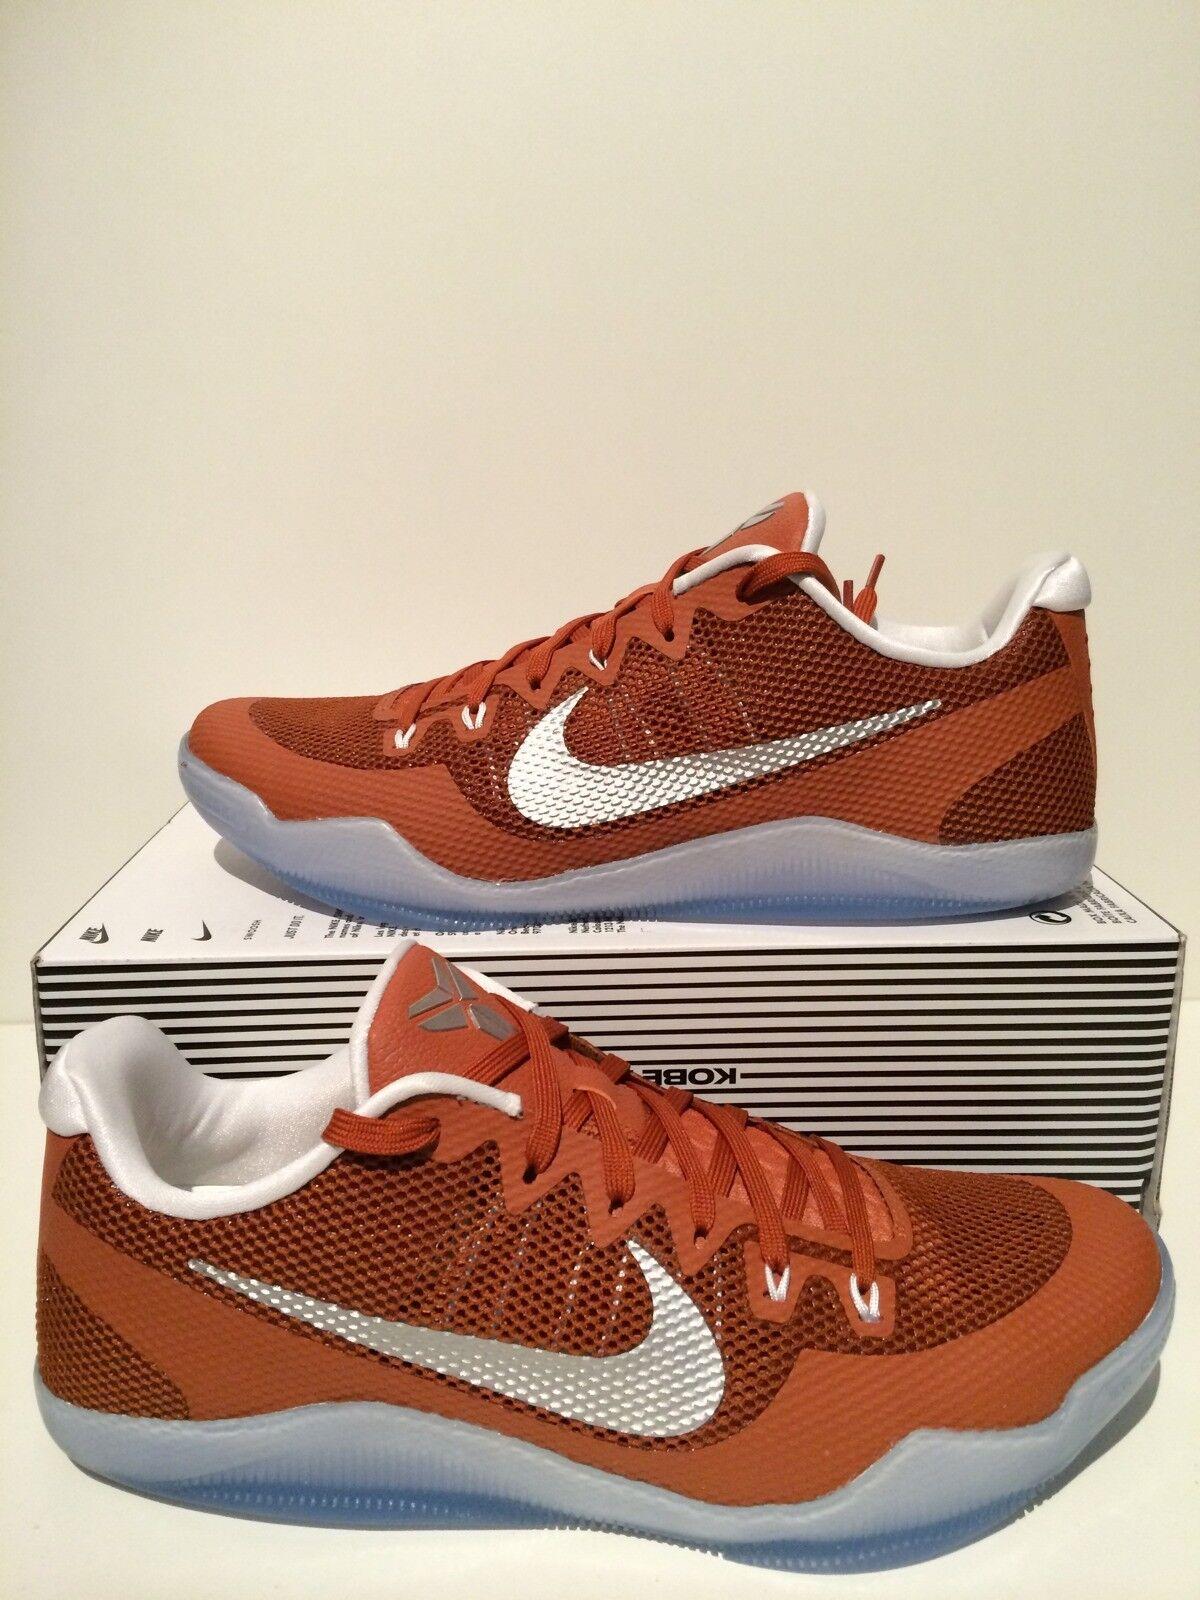 New Nike Kobe XI 11 TB Promo Texas Longhorns Desert Desert Desert orange Size 13 856485 882 e21a47